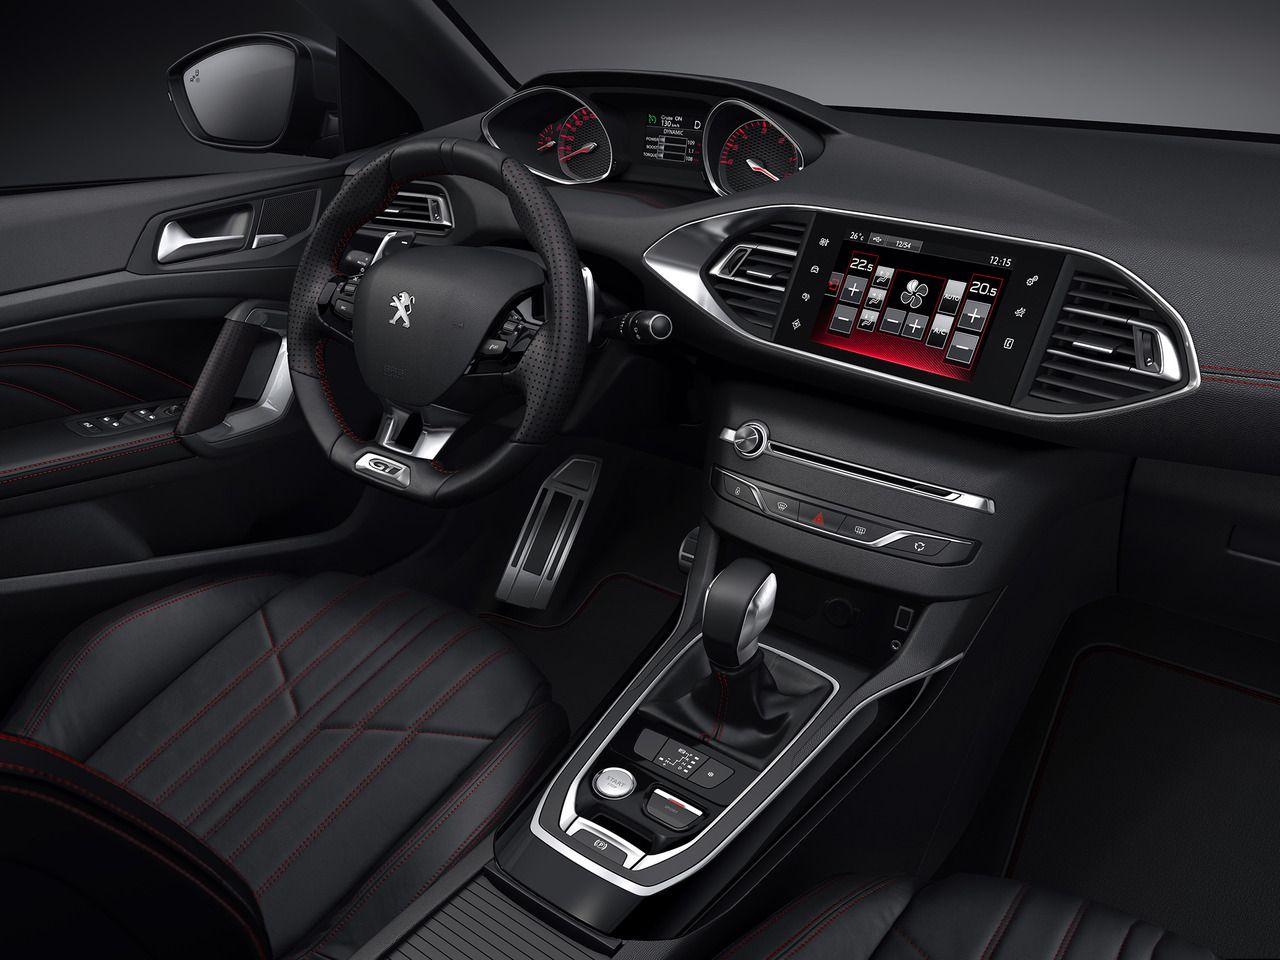 2014 Peugeot 308 GT